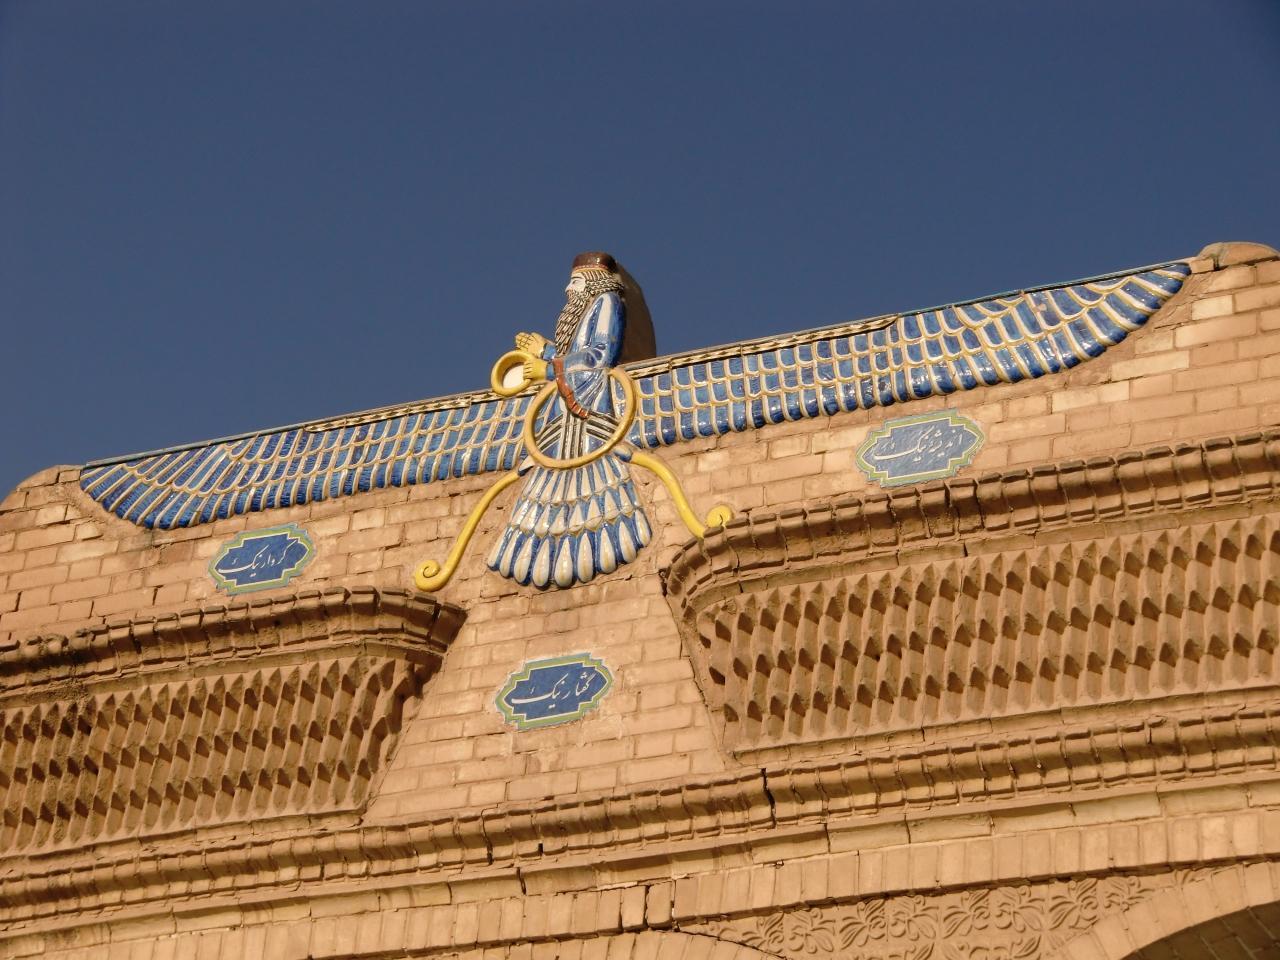 ゾロアスター教寺院、アーテシュキャデ。\u003cbr /\u003e\u003cbr /\u003eこれっ